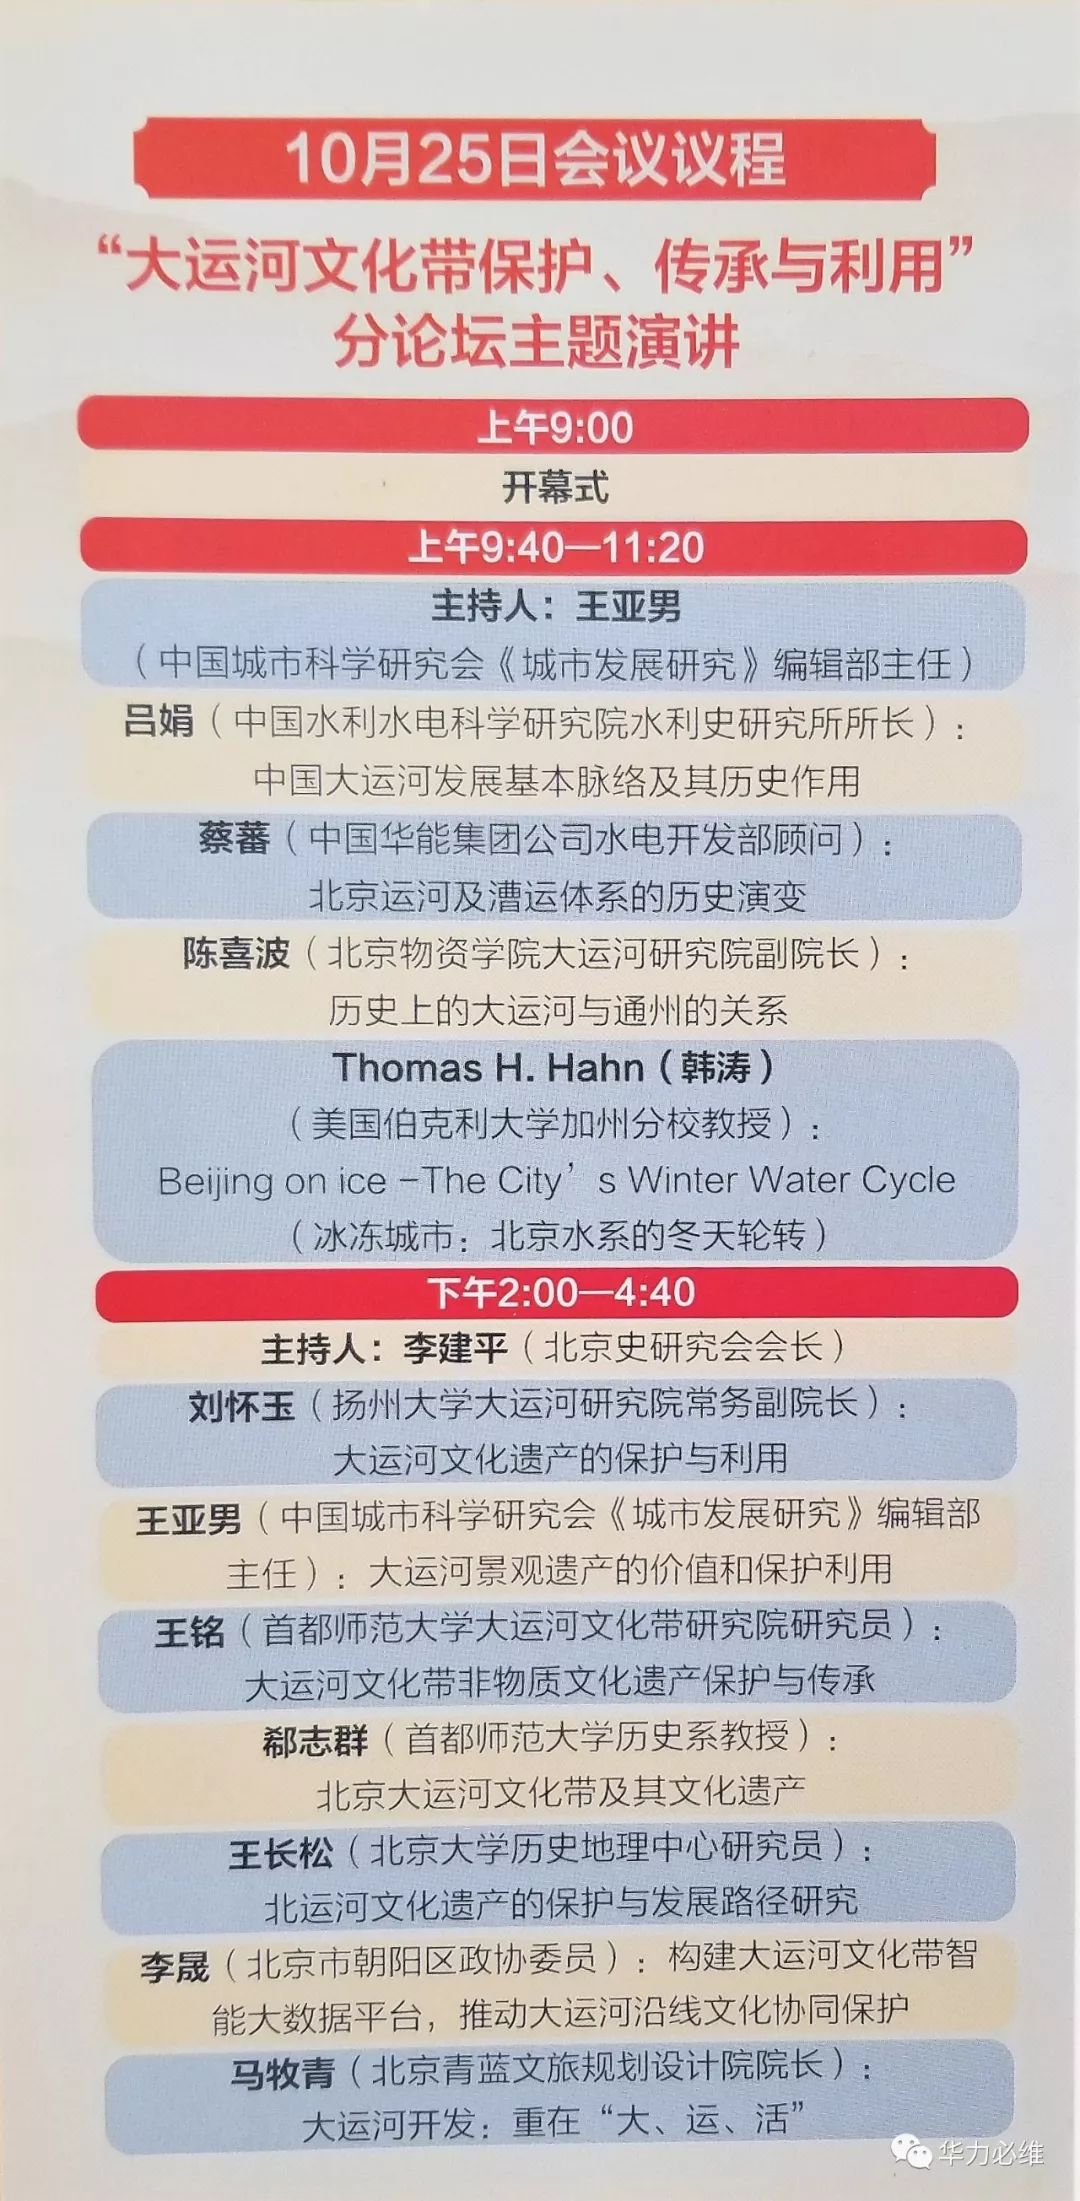 大运河|华力必维艺+1创始人应邀出席北京三个文化带建设主题论坛